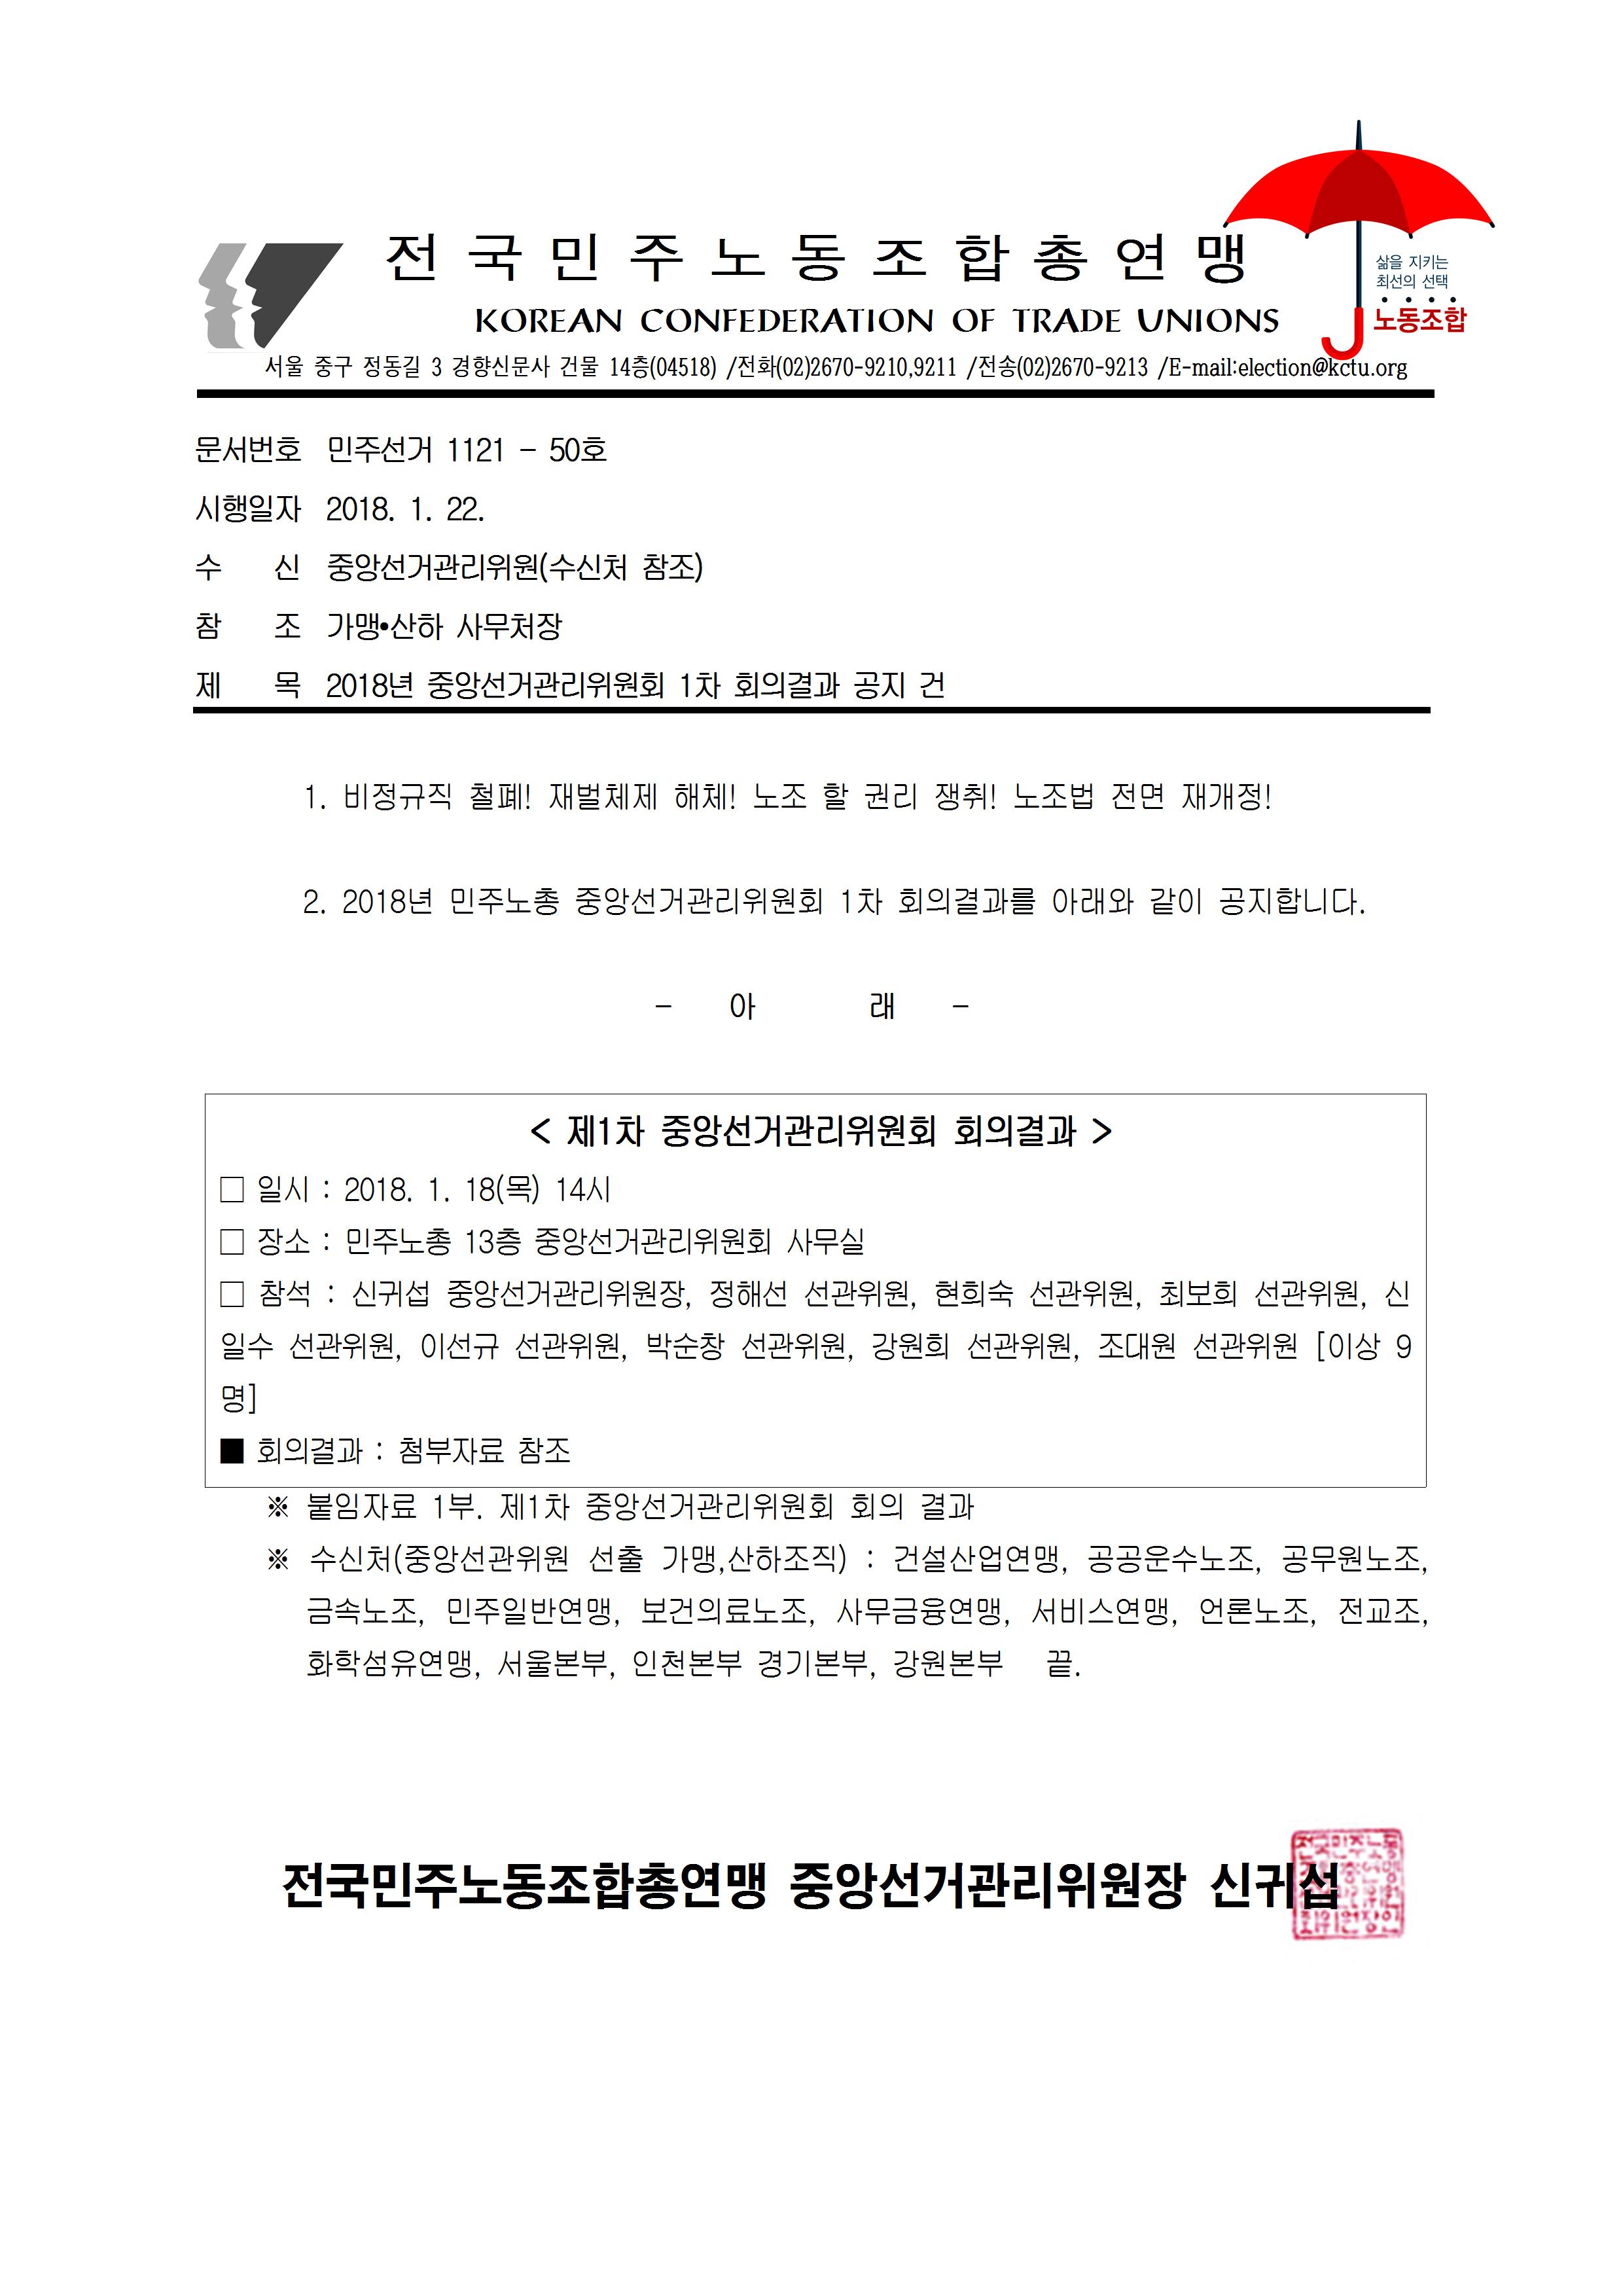 18kctu50_[공문] 2018년 중앙선관위 1차 회의결과 공지_180122001.png